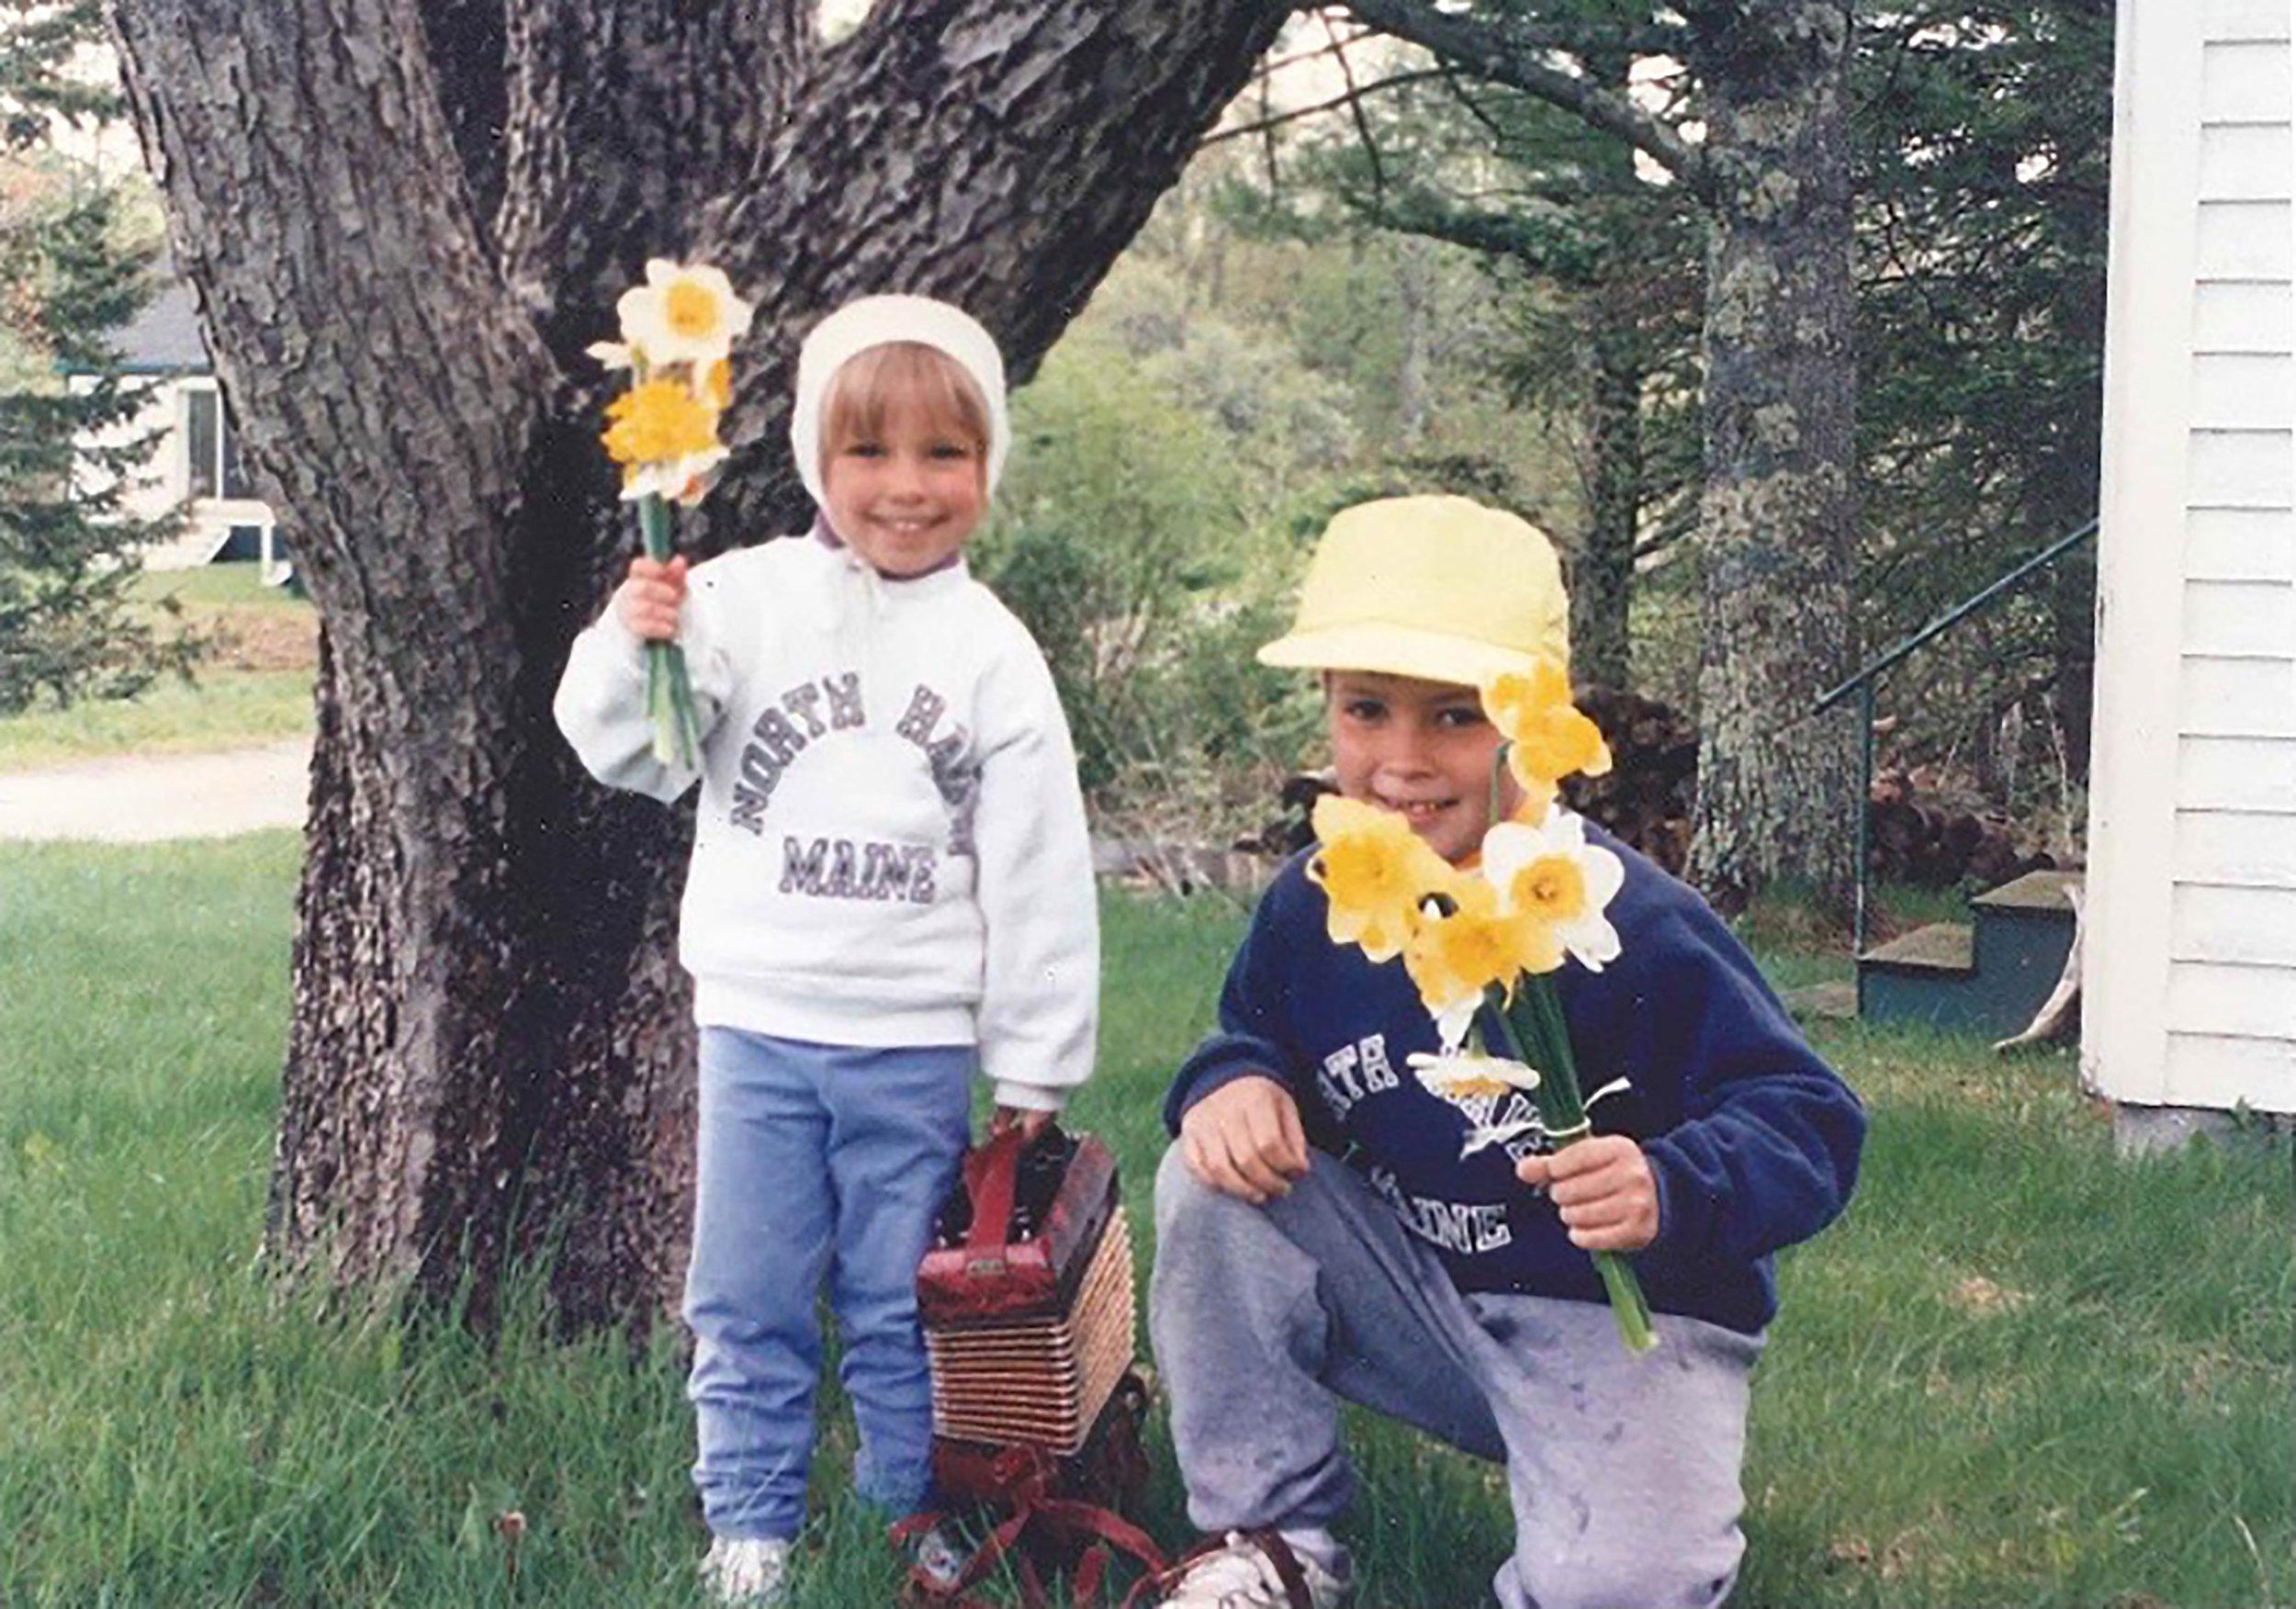 Josie with her older brother, Gabe